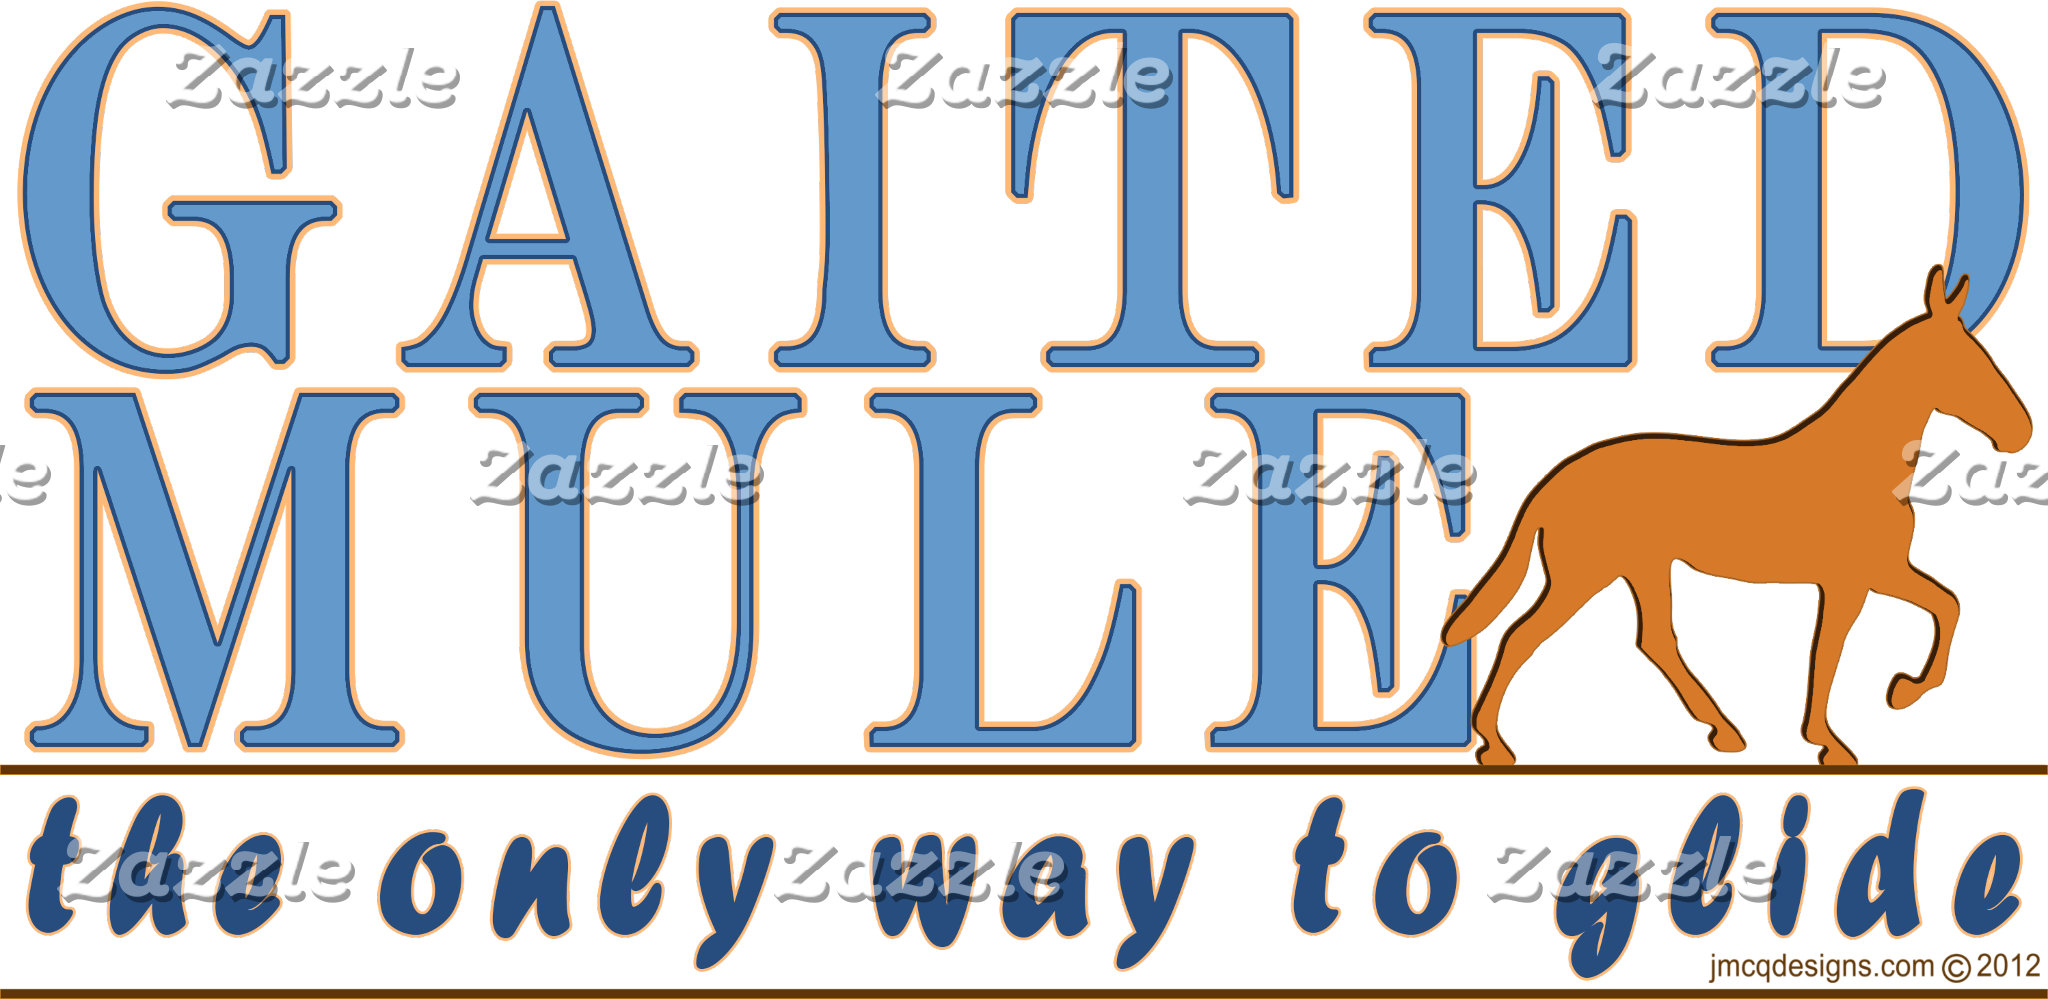 Gaited Mule